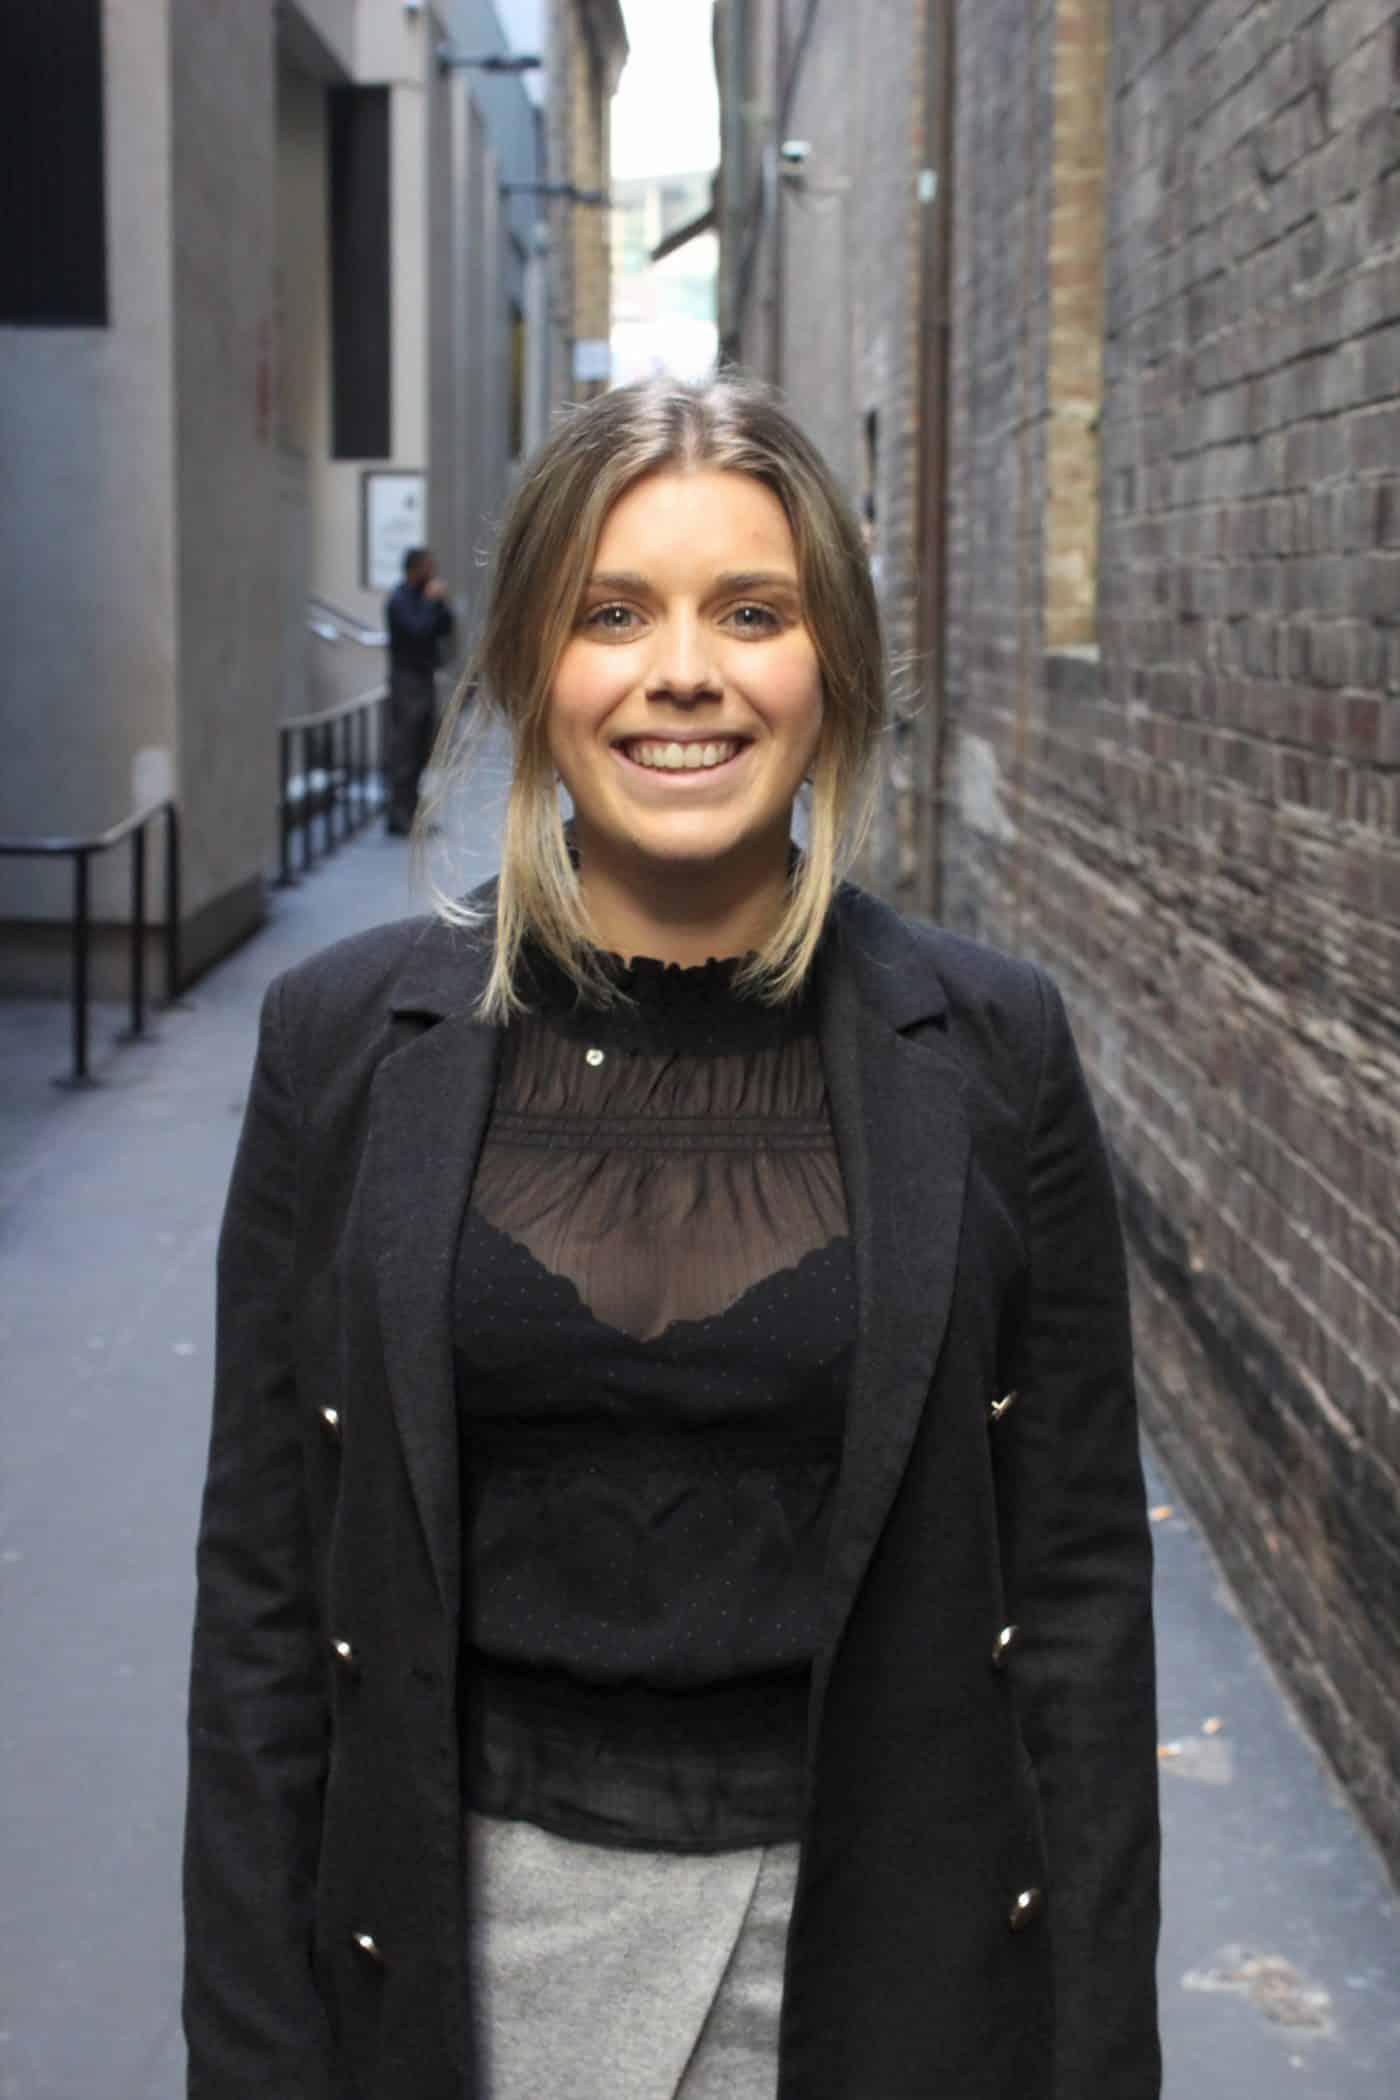 Laura Nailard